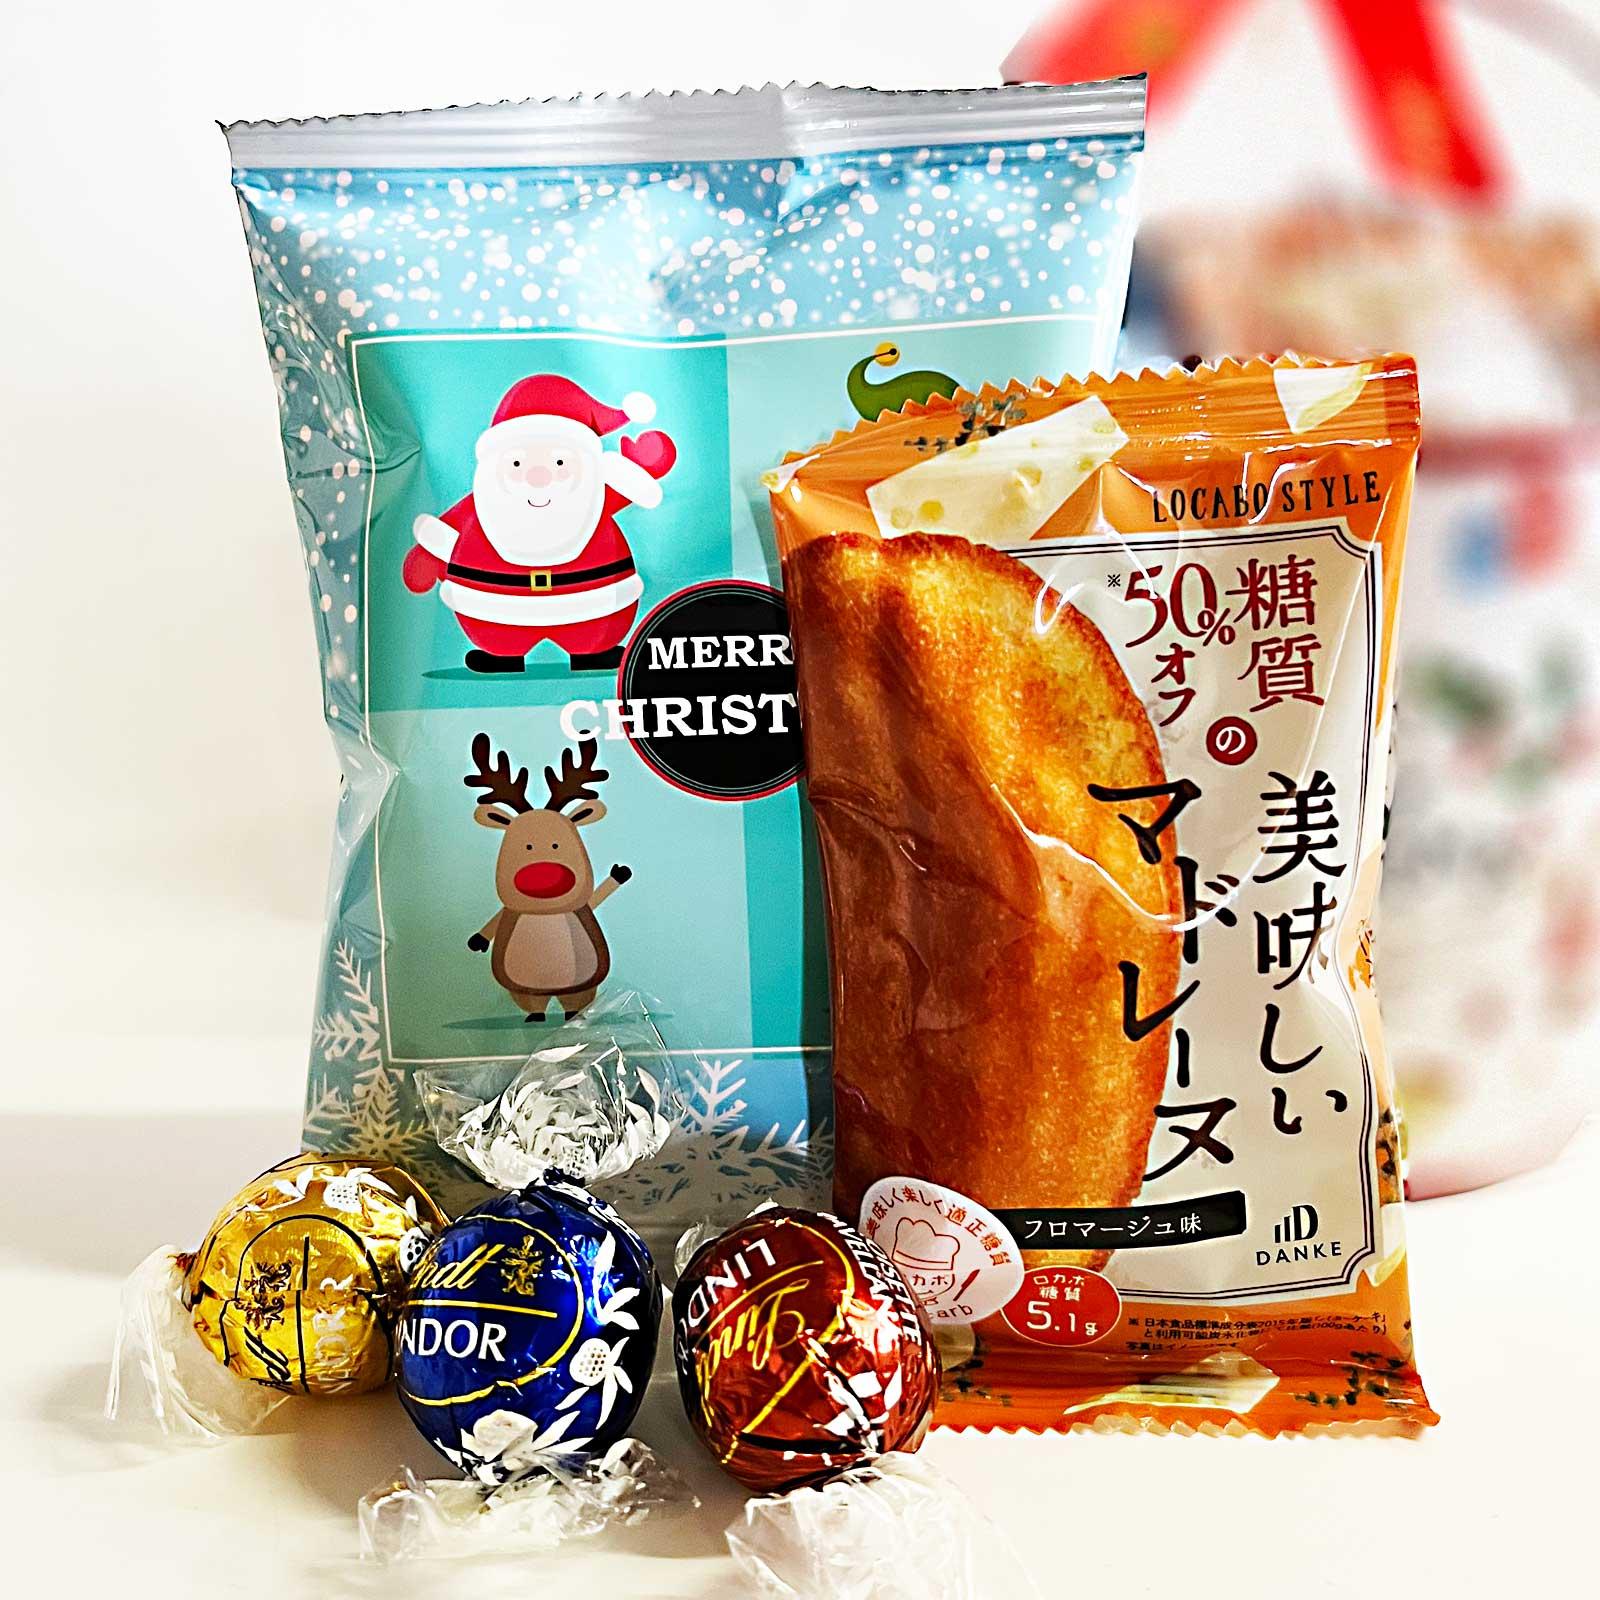 クリスマスお菓子大人向けブリキバケツ